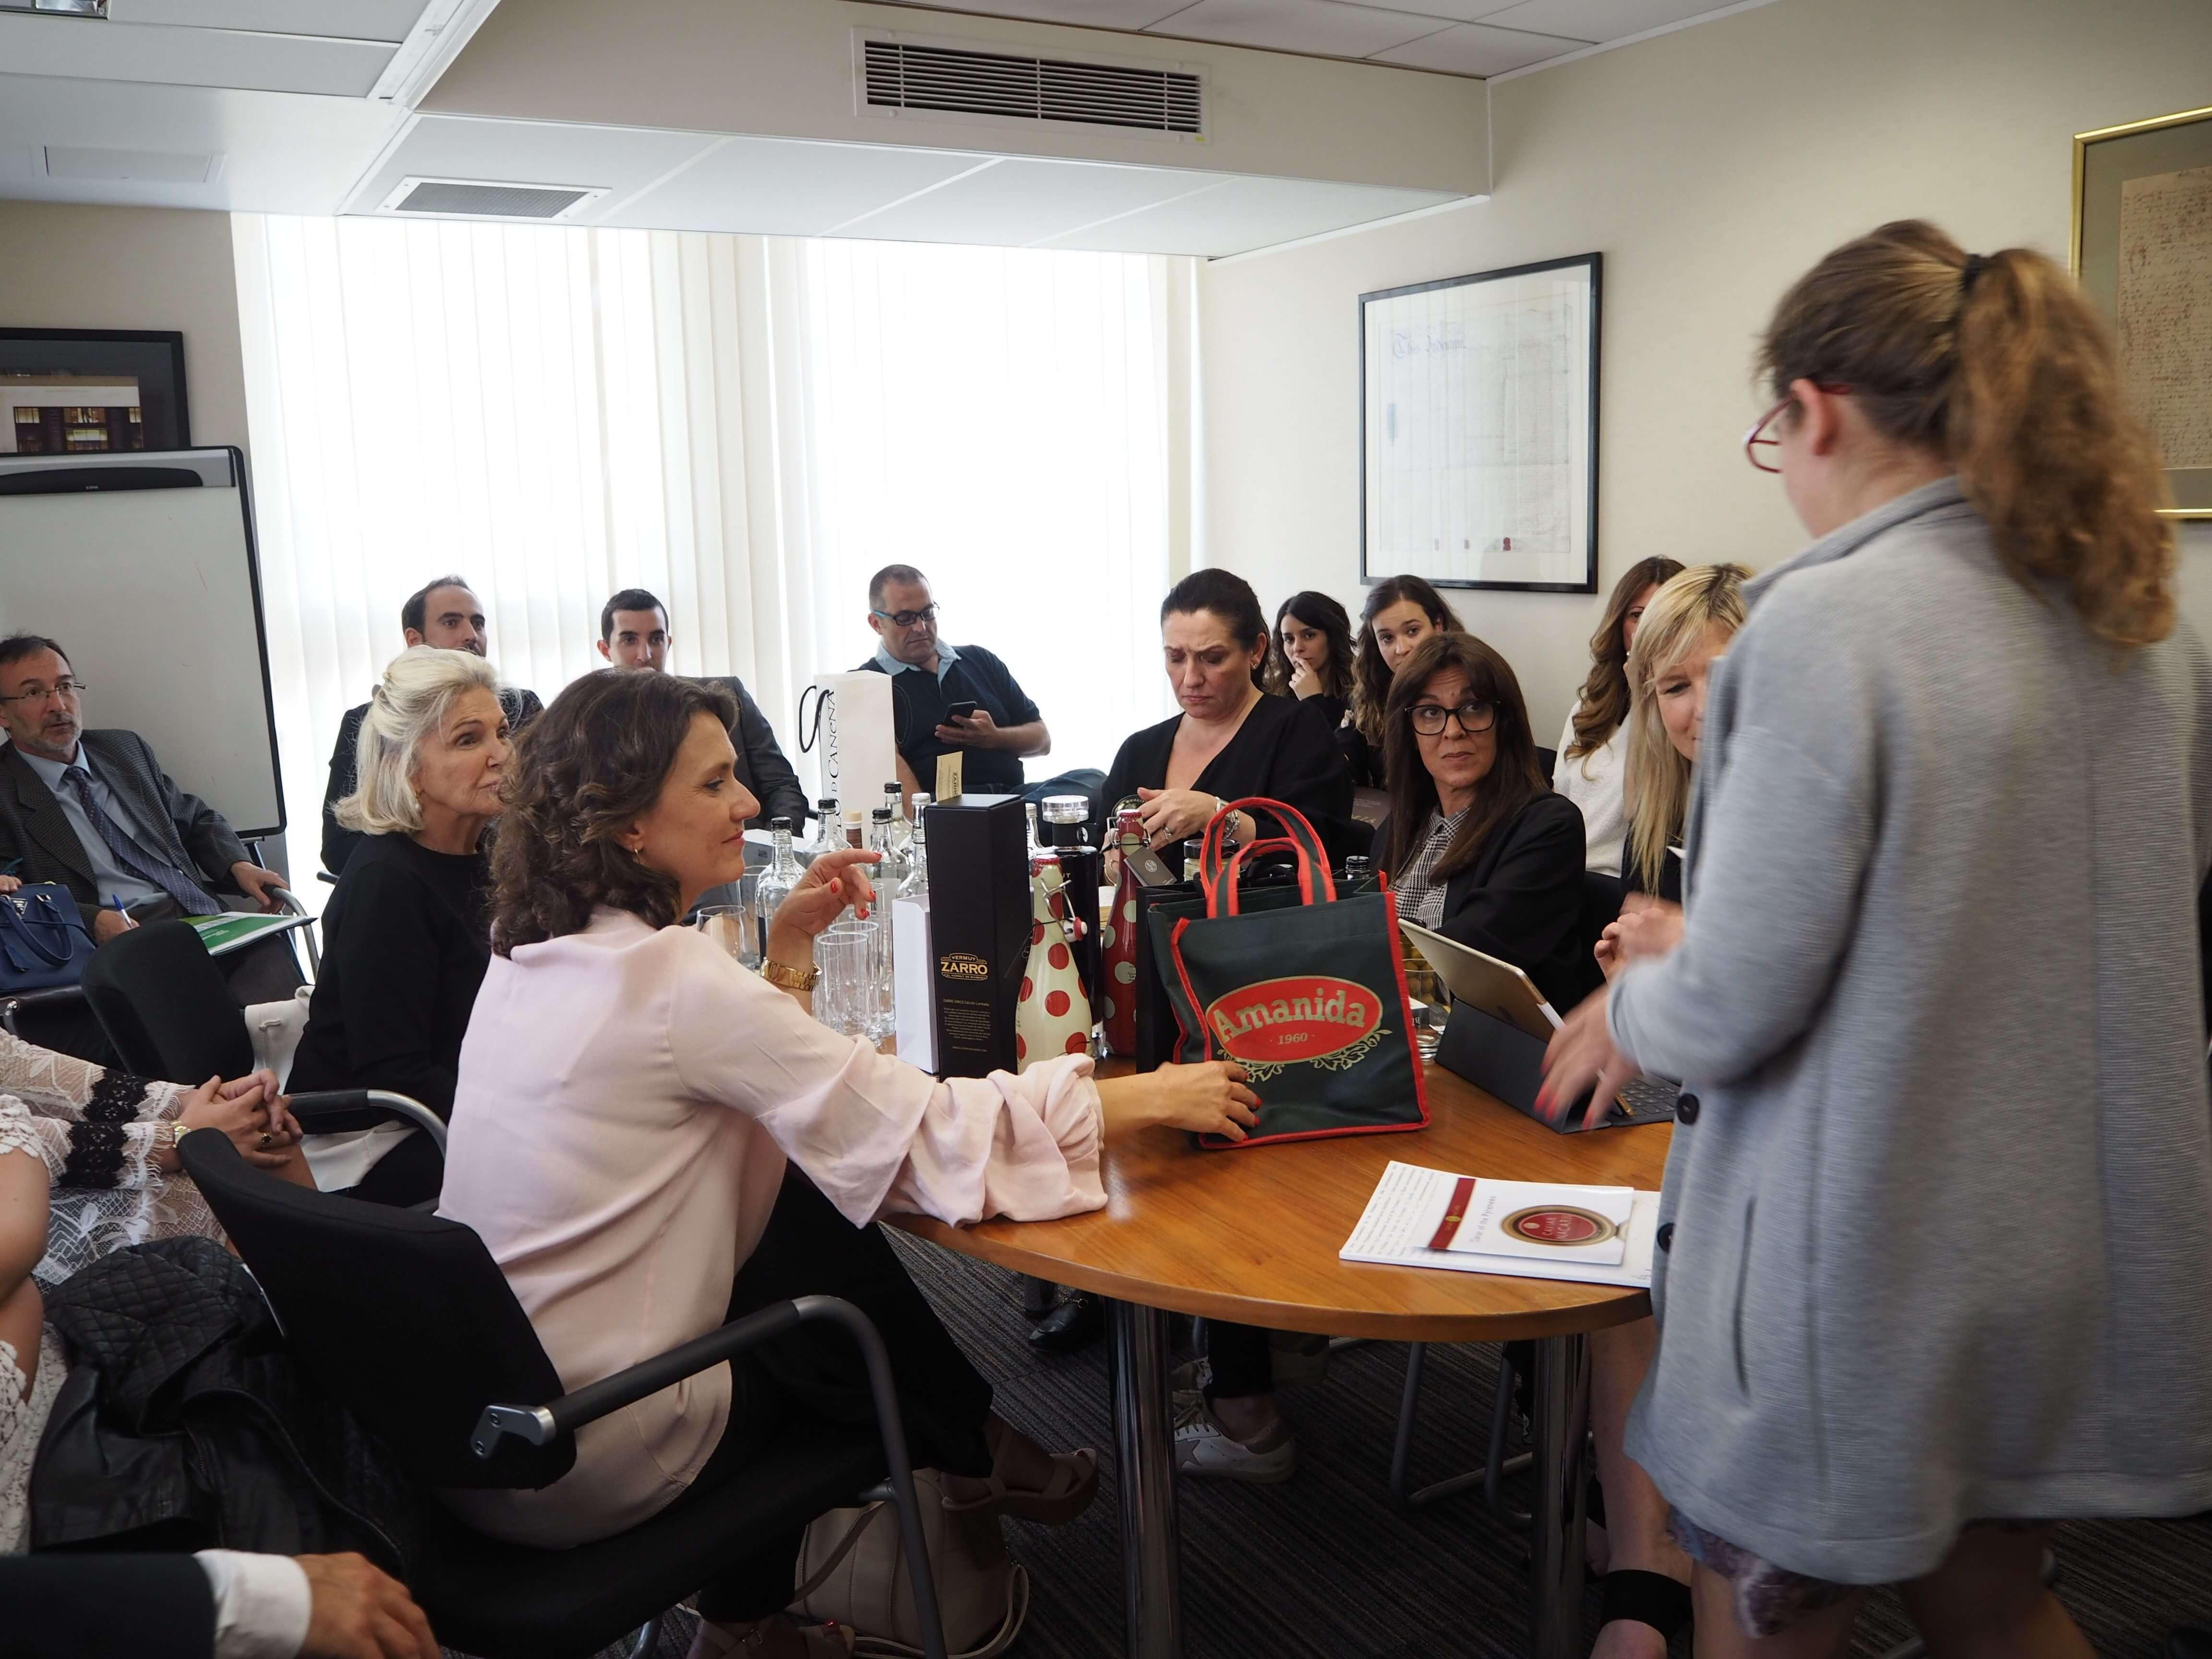 Presentación de mermeladas premium LoRUSSo en Harvey Nichols, Londres